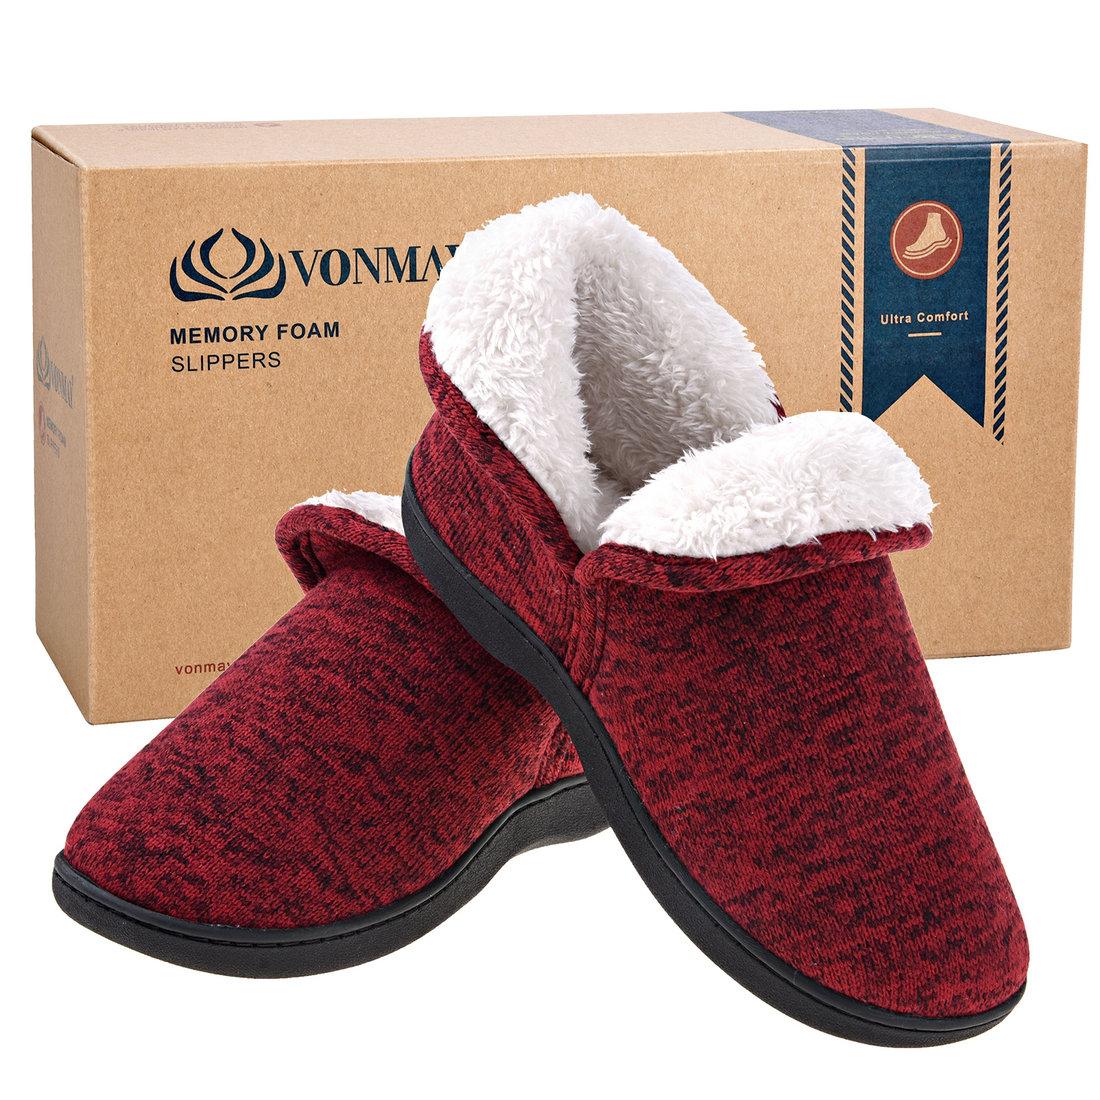 1b313ee17395 Women Memory Foam Super Warm Slippers Wool-Like Plush Lining House Shoes